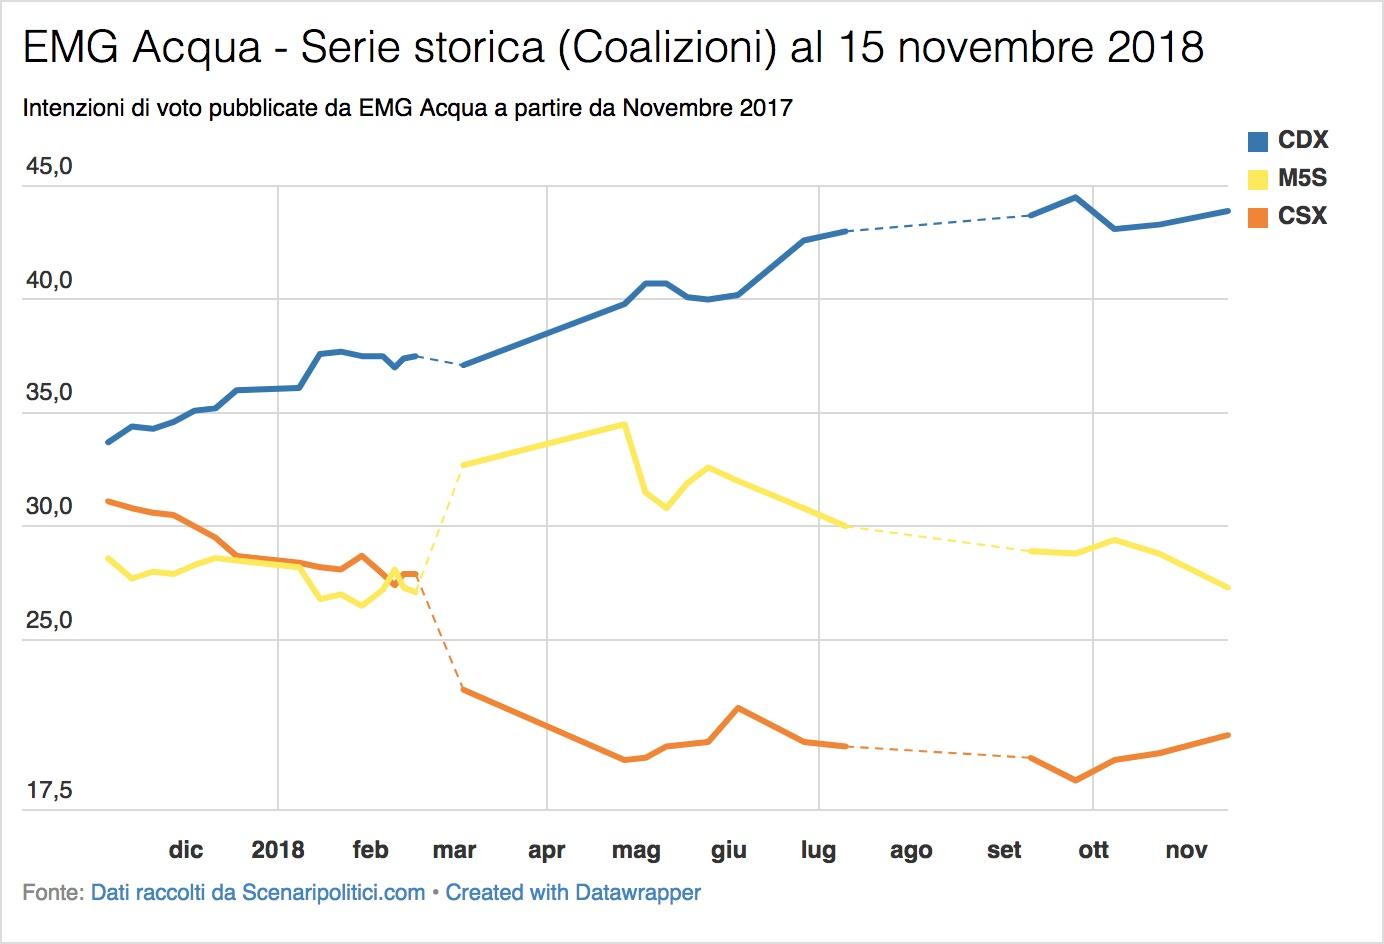 Sondaggio EMG Acqua (15 novembre 2018)